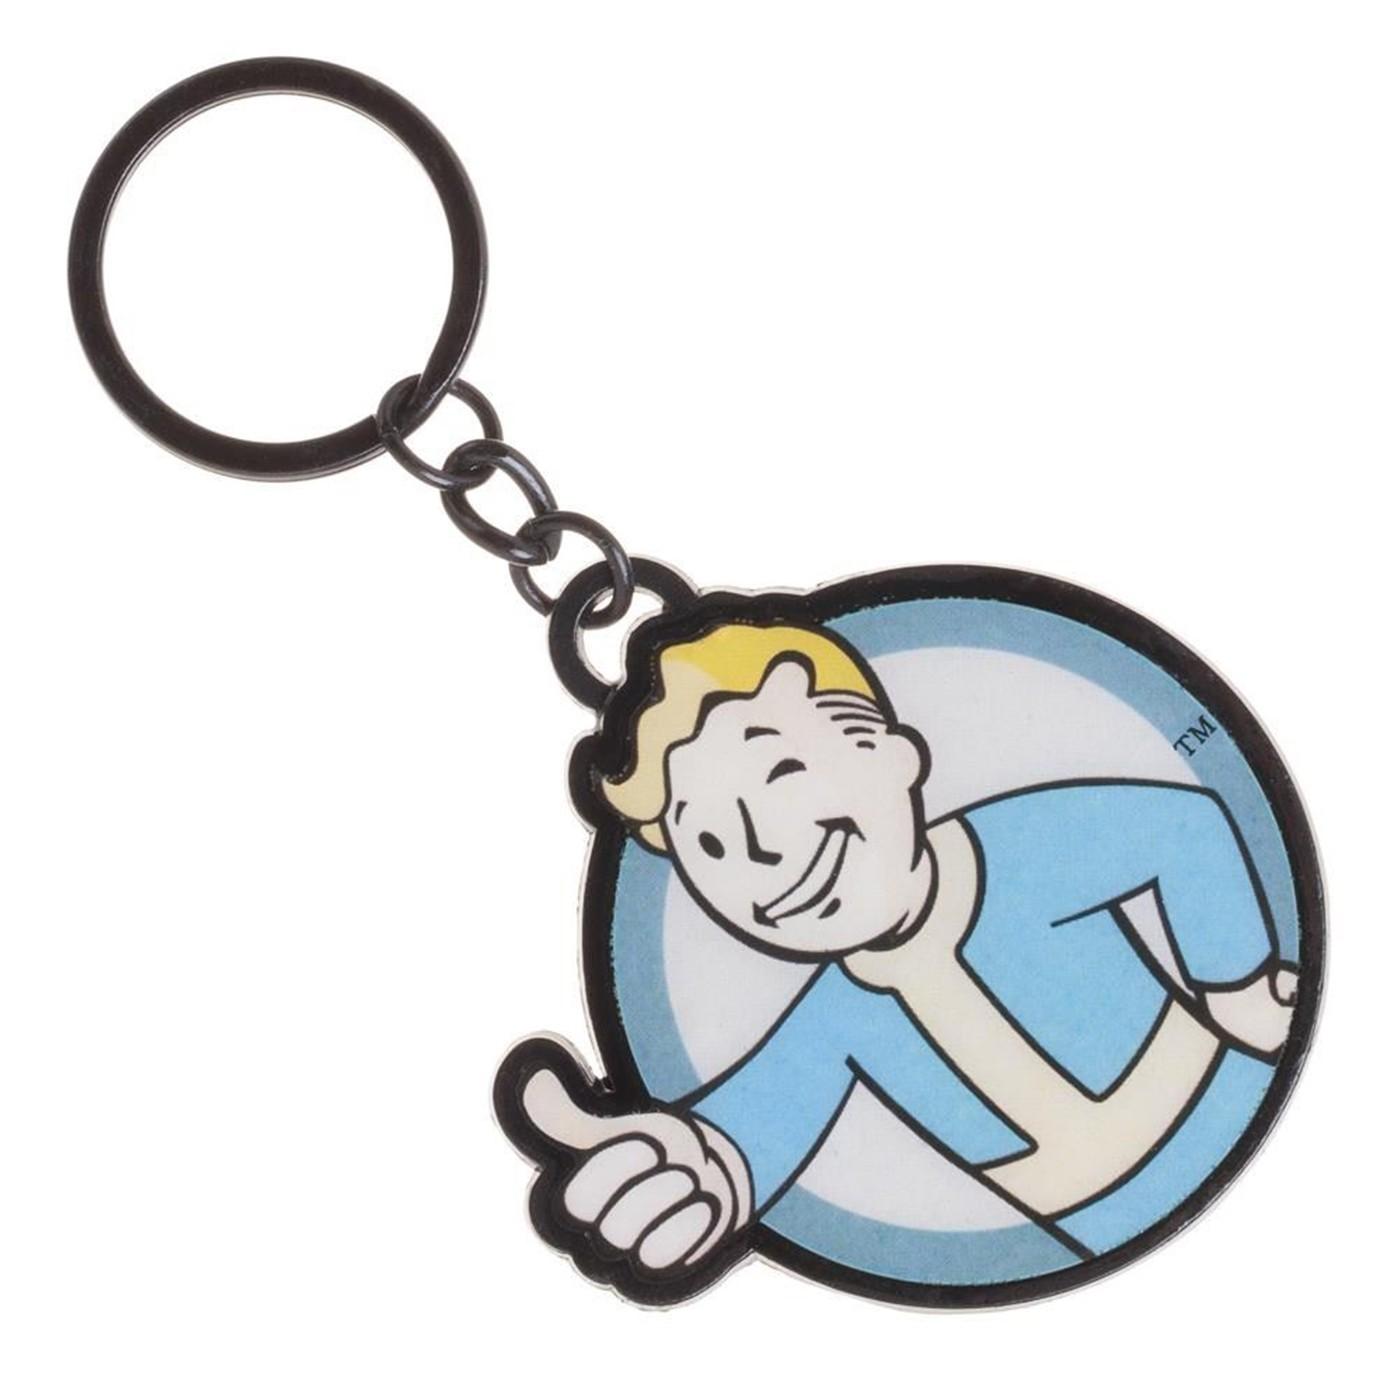 Where are my fucking keys